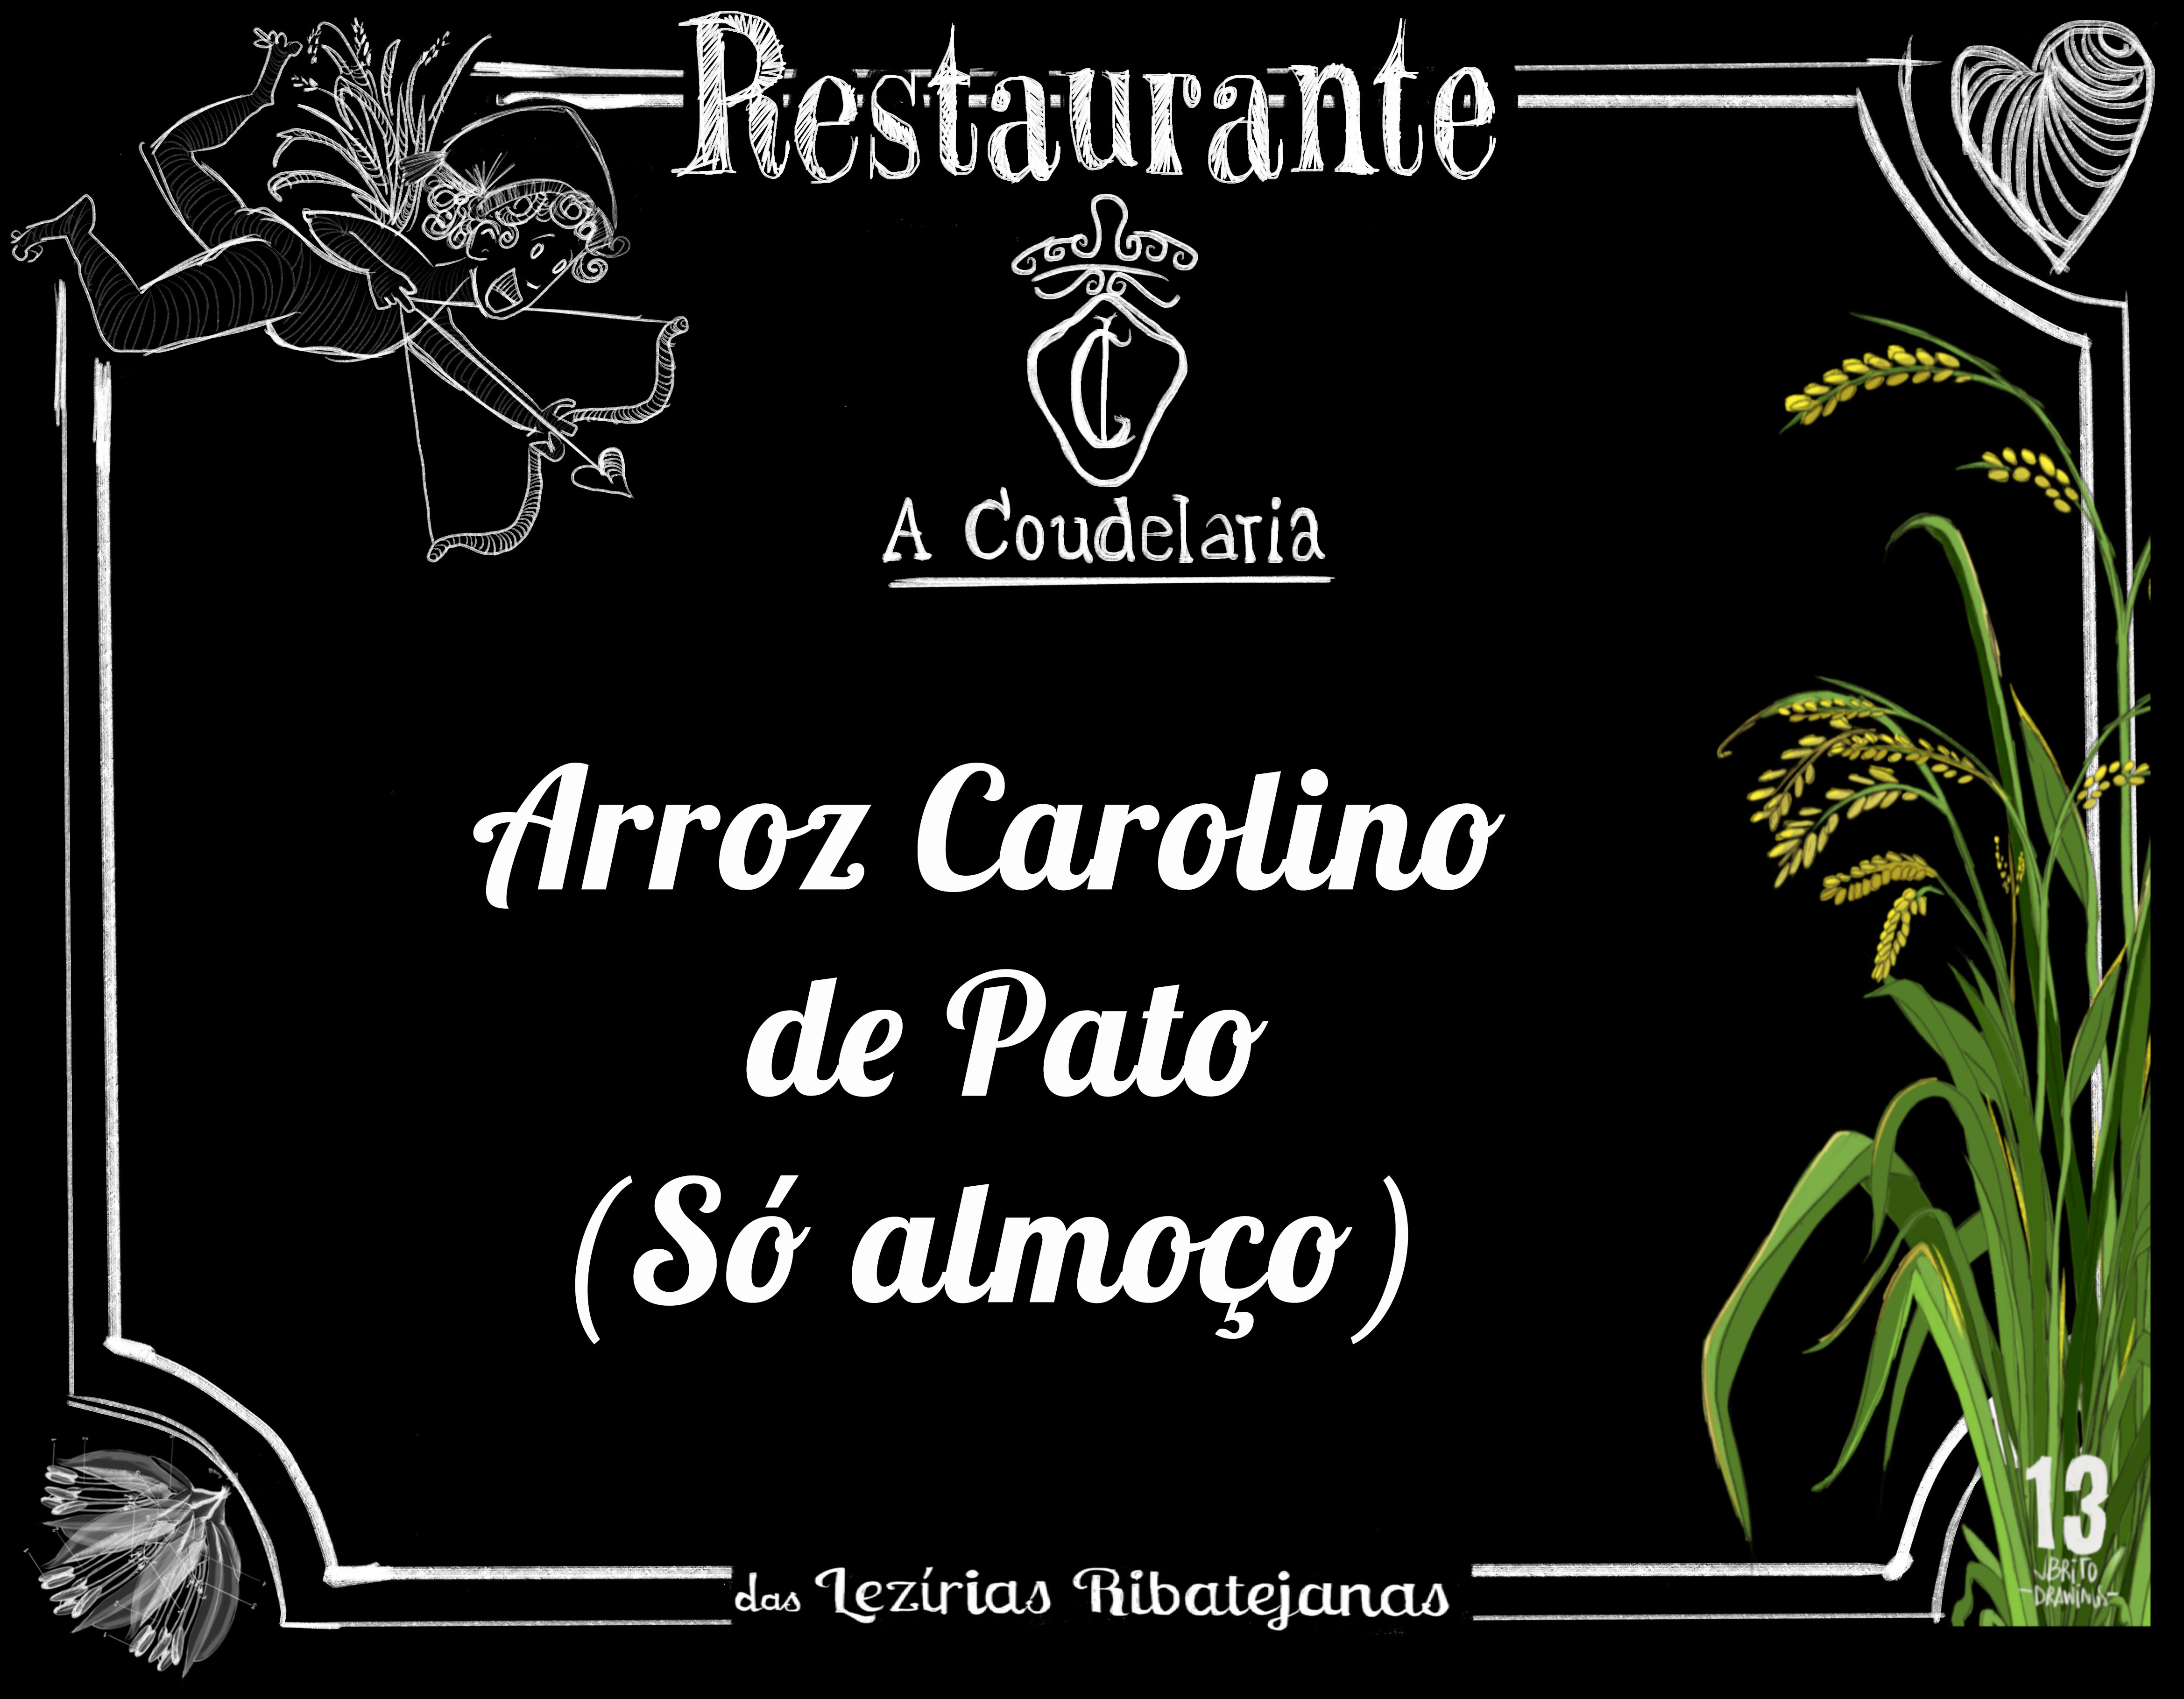 Restaurante Coudelaria